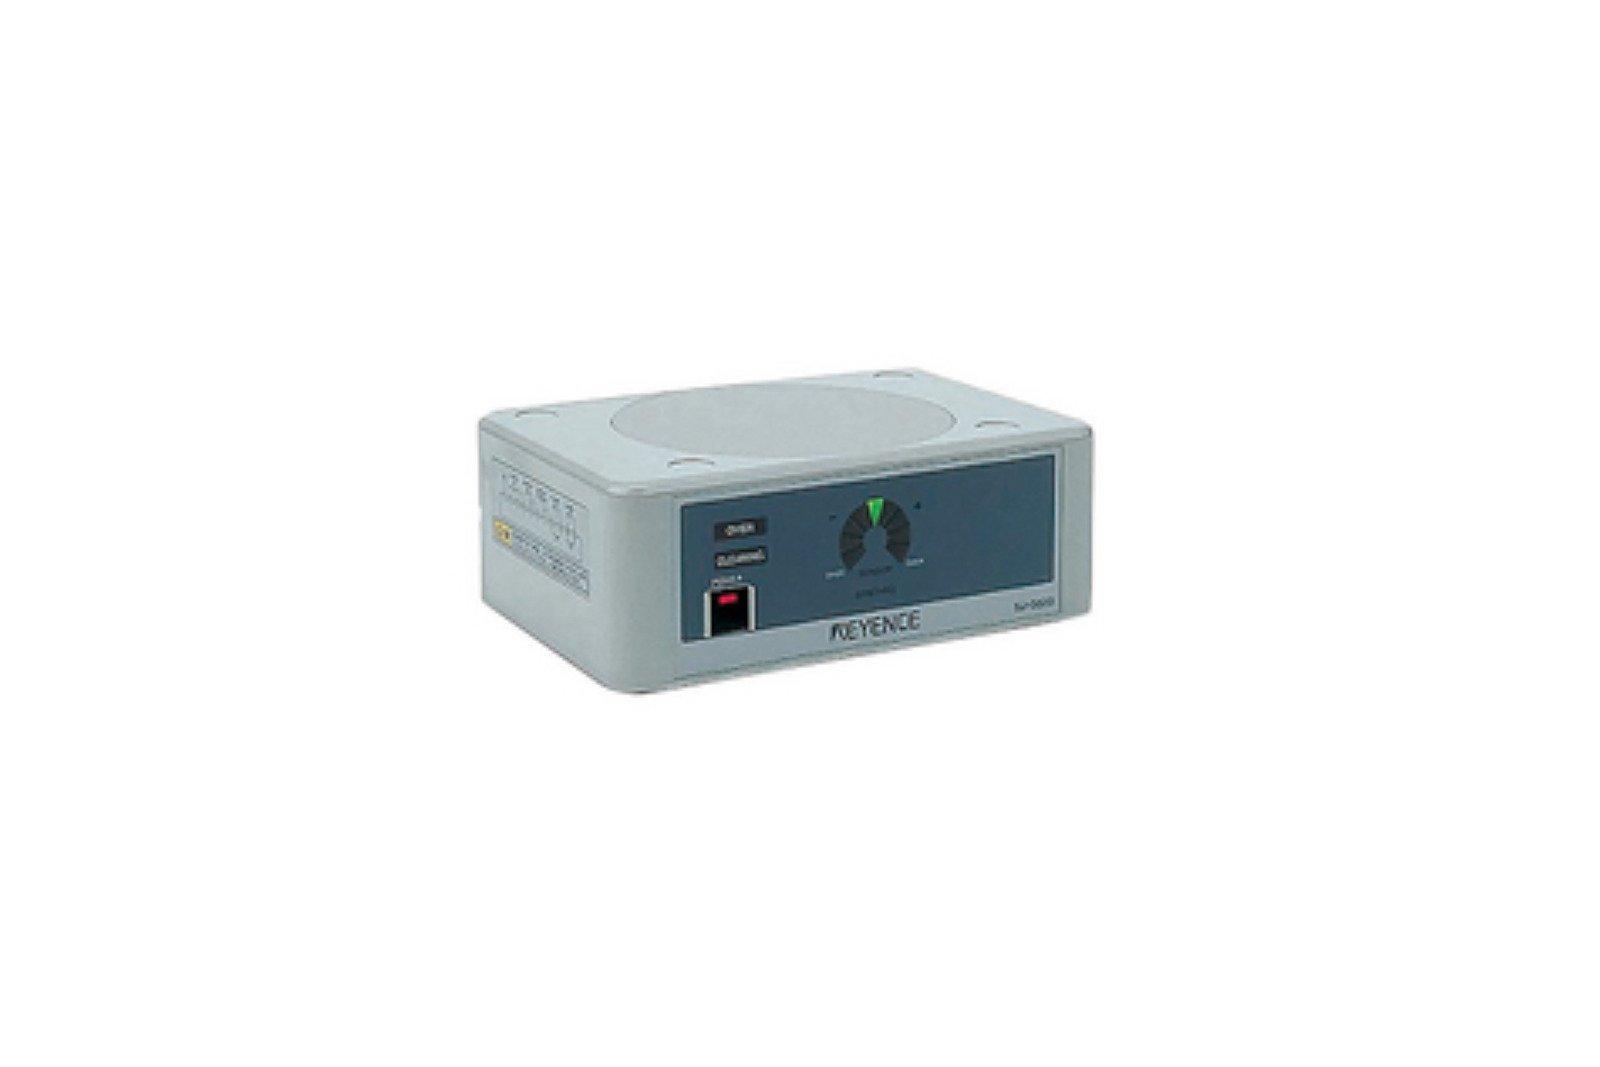 Keyence Spot Type Amplifier Unit SJ-S020W